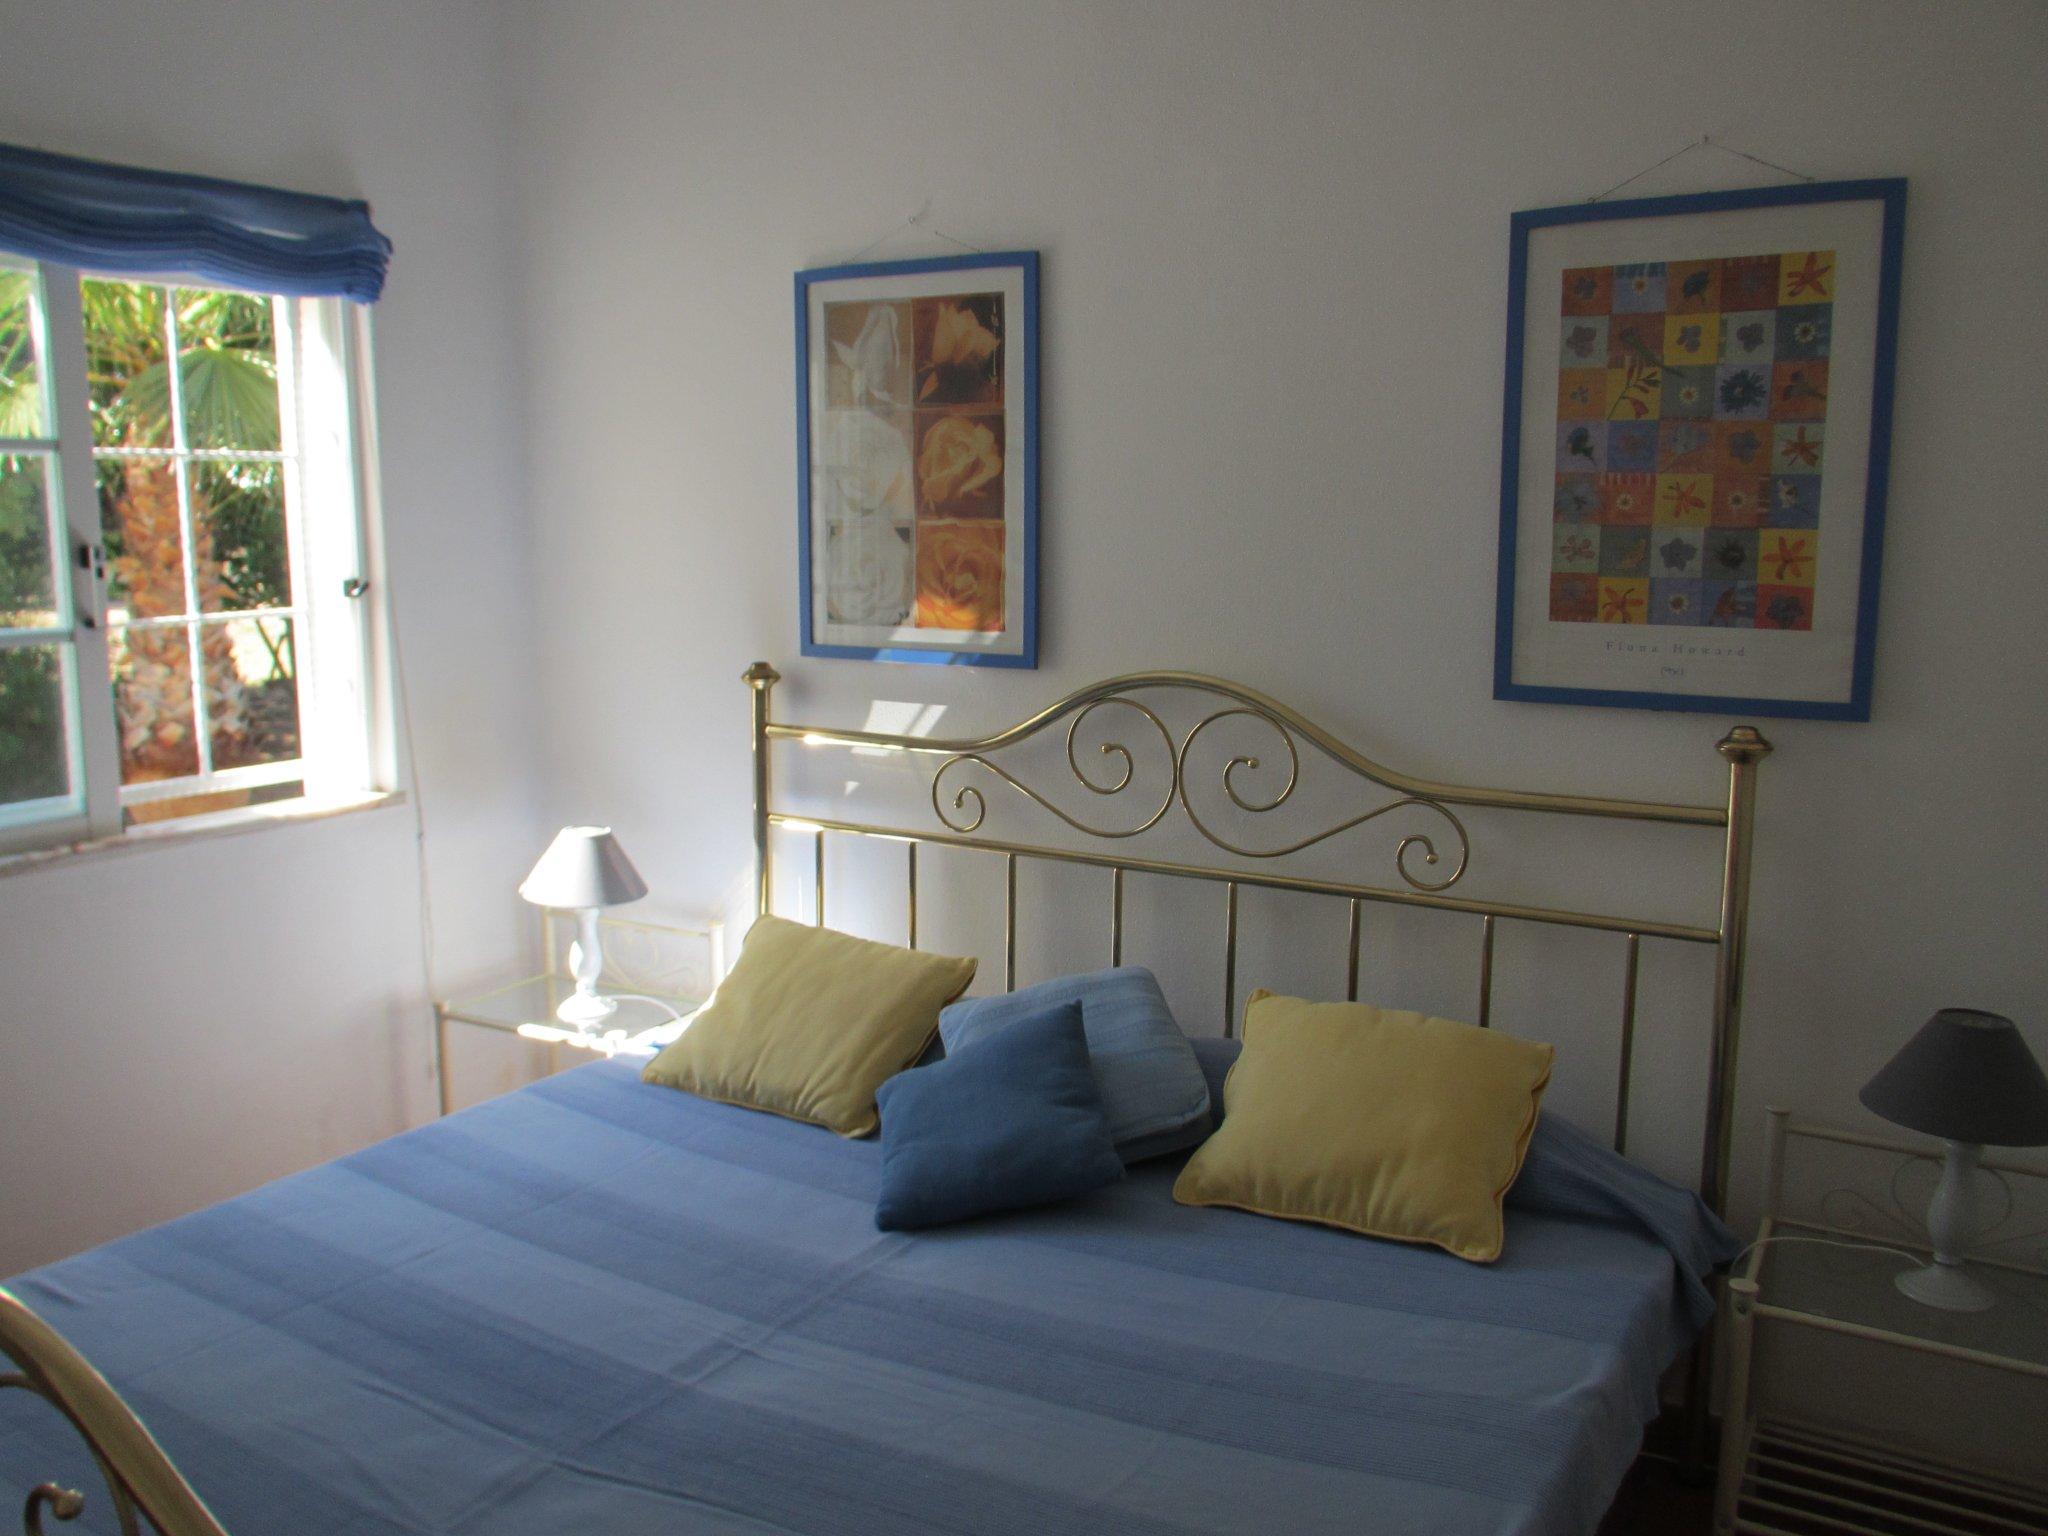 Schlafzimmer mit Bett 1,80 m x 2 m